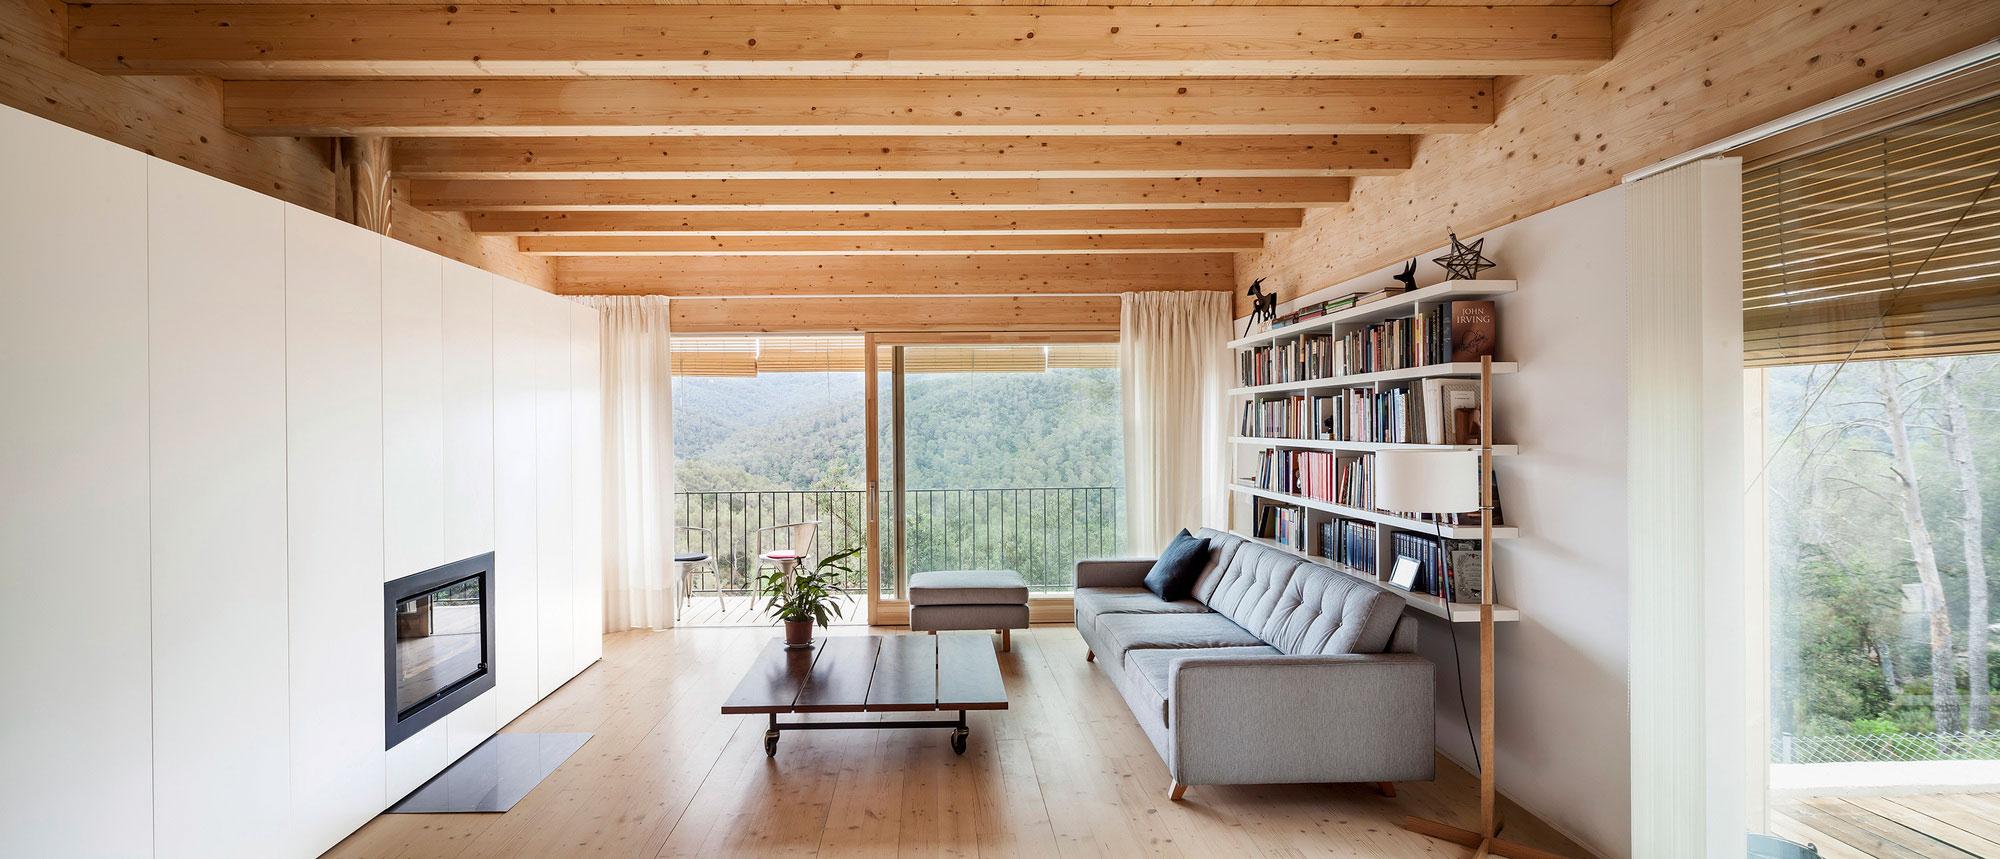 Casa LLP / Alventosa Morell (16)